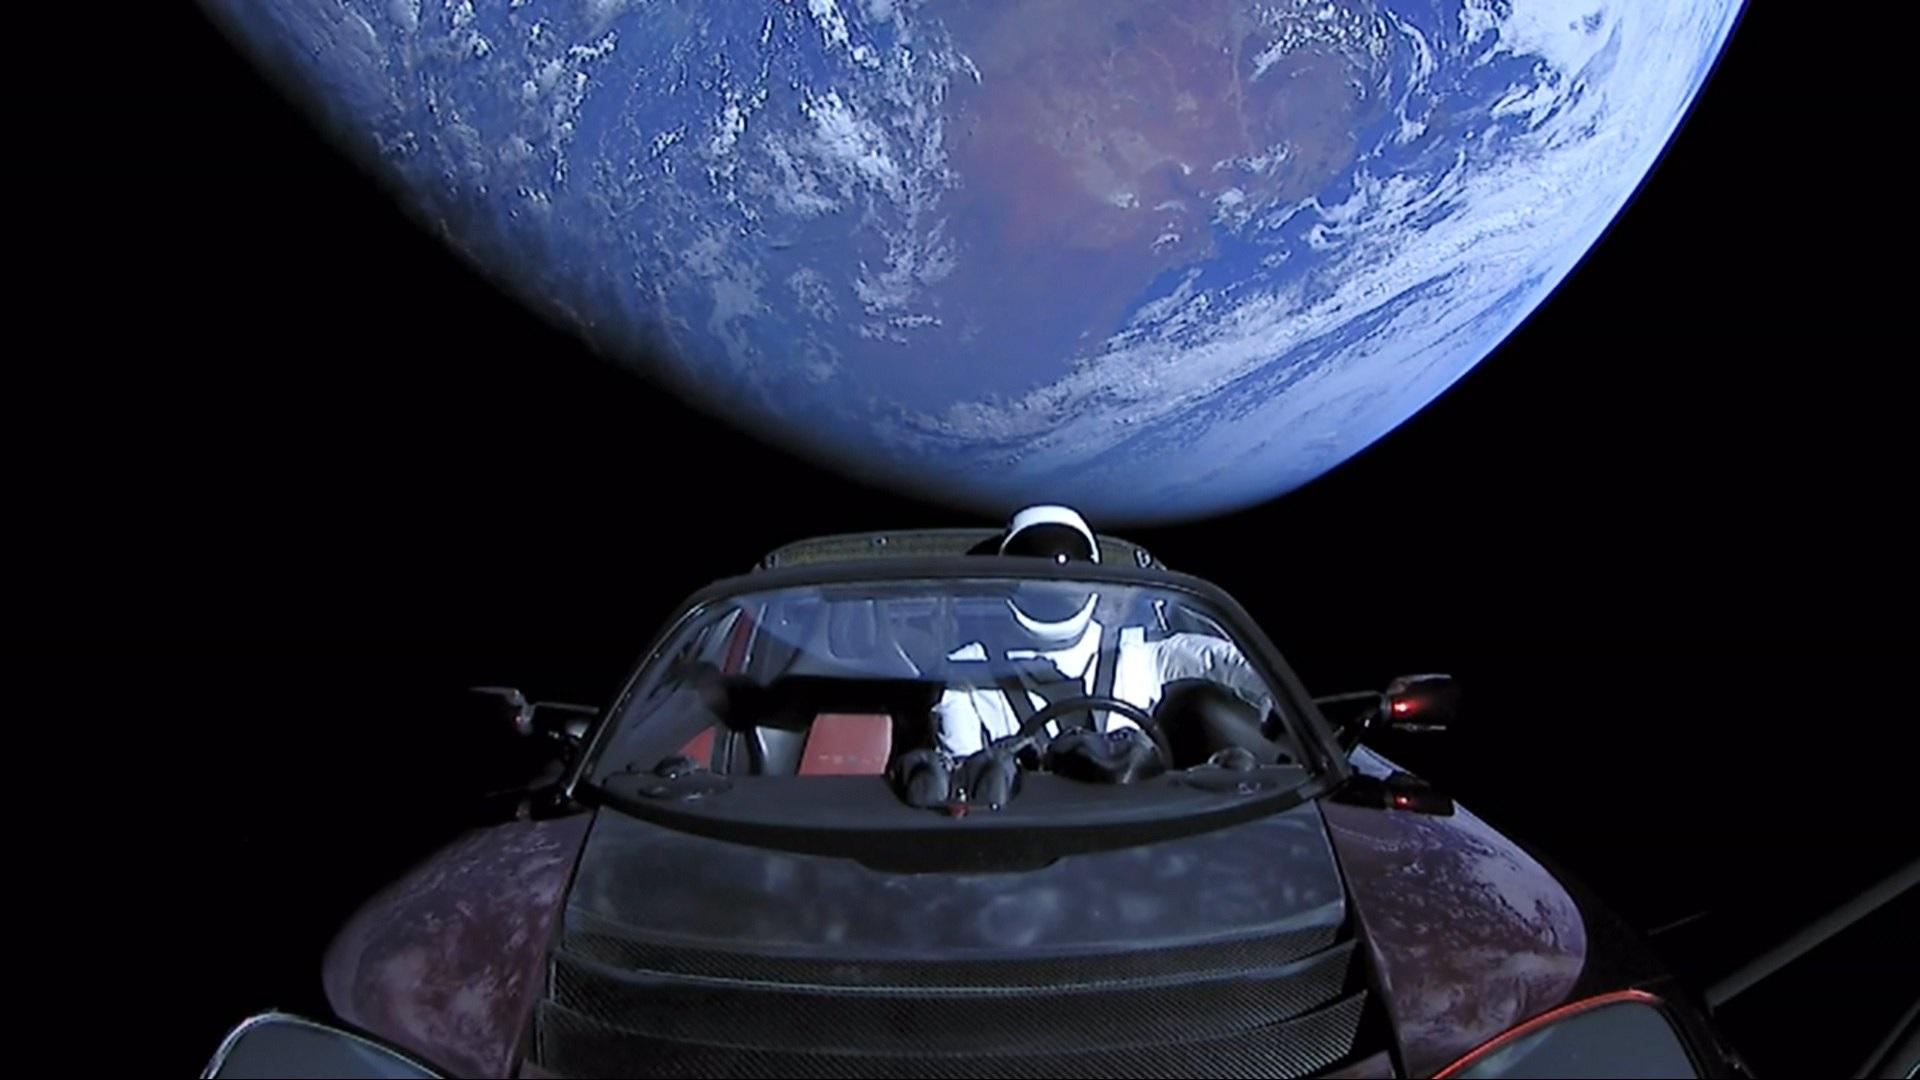 Колата на Илон Мъск Tesla Roadster в космоса, след като бе изсреляна с ракетата SpaceX Falcon Heavy, 06 февруари 2018 г